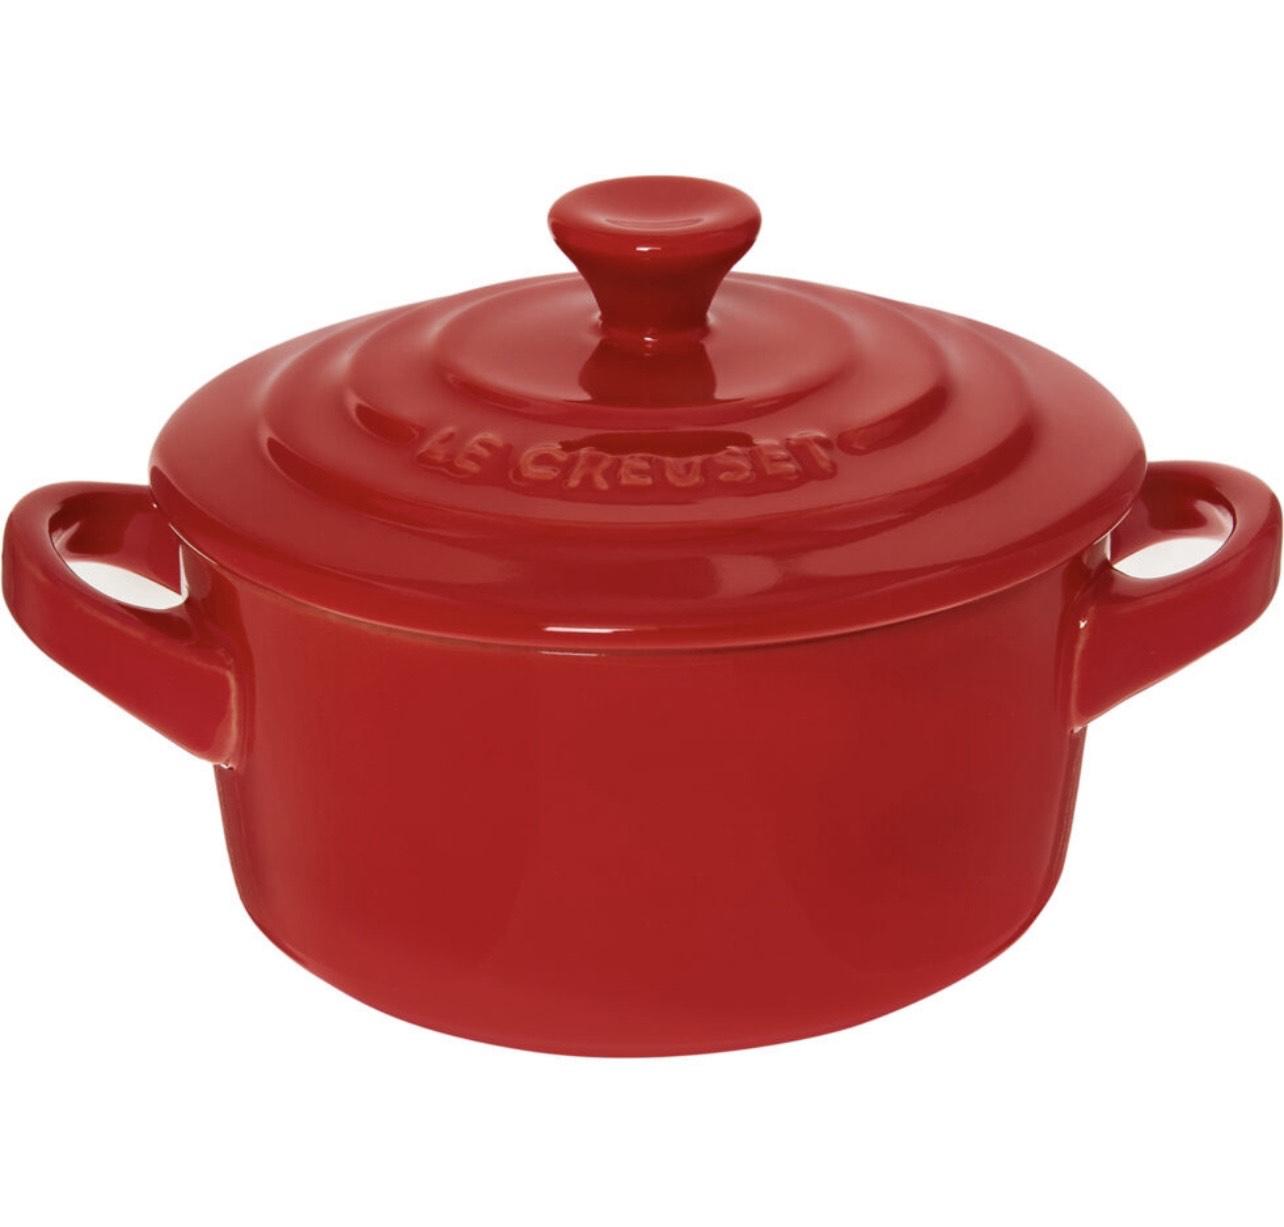 Le Creuset Chilli Red Petite Round Casserole Dish 250ml - £6.99 (+£1.99 Delivery) @ TK Maxx